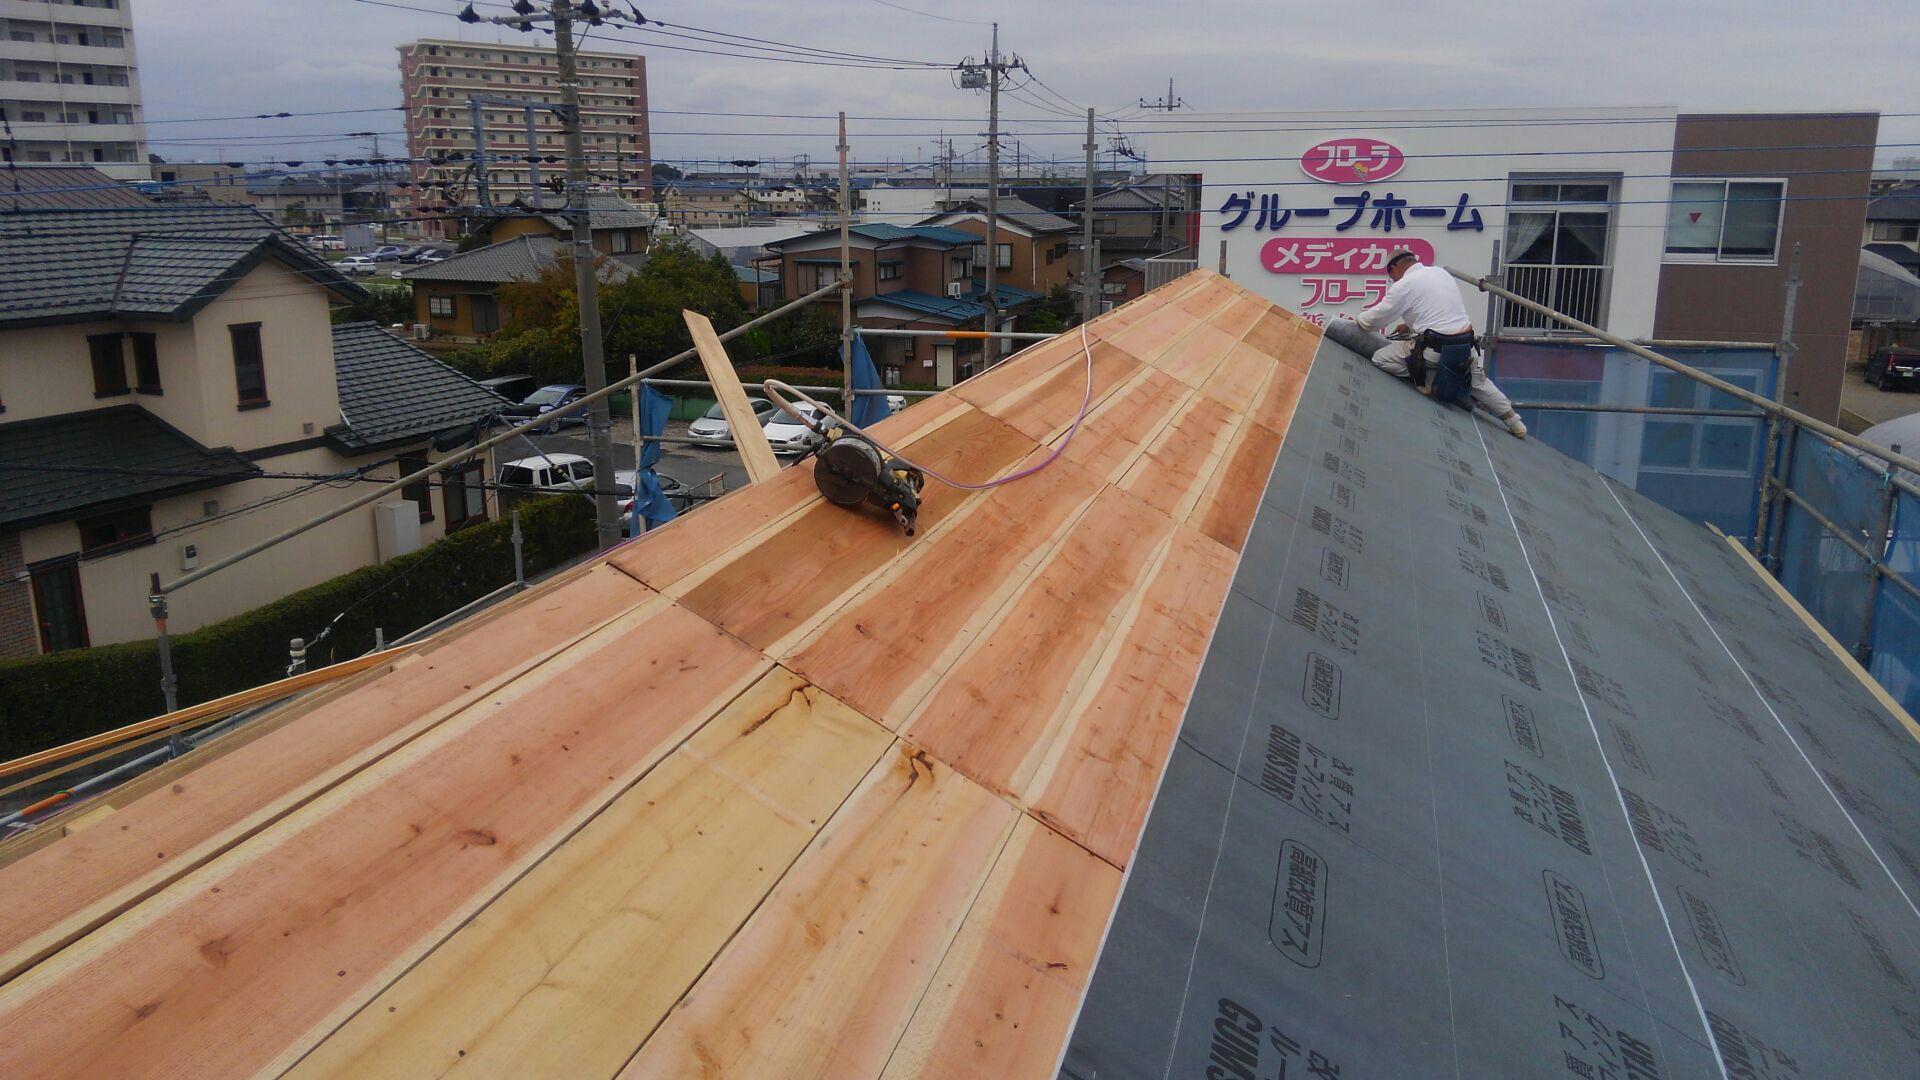 下地材はザラ板(杉の無垢)を使います。